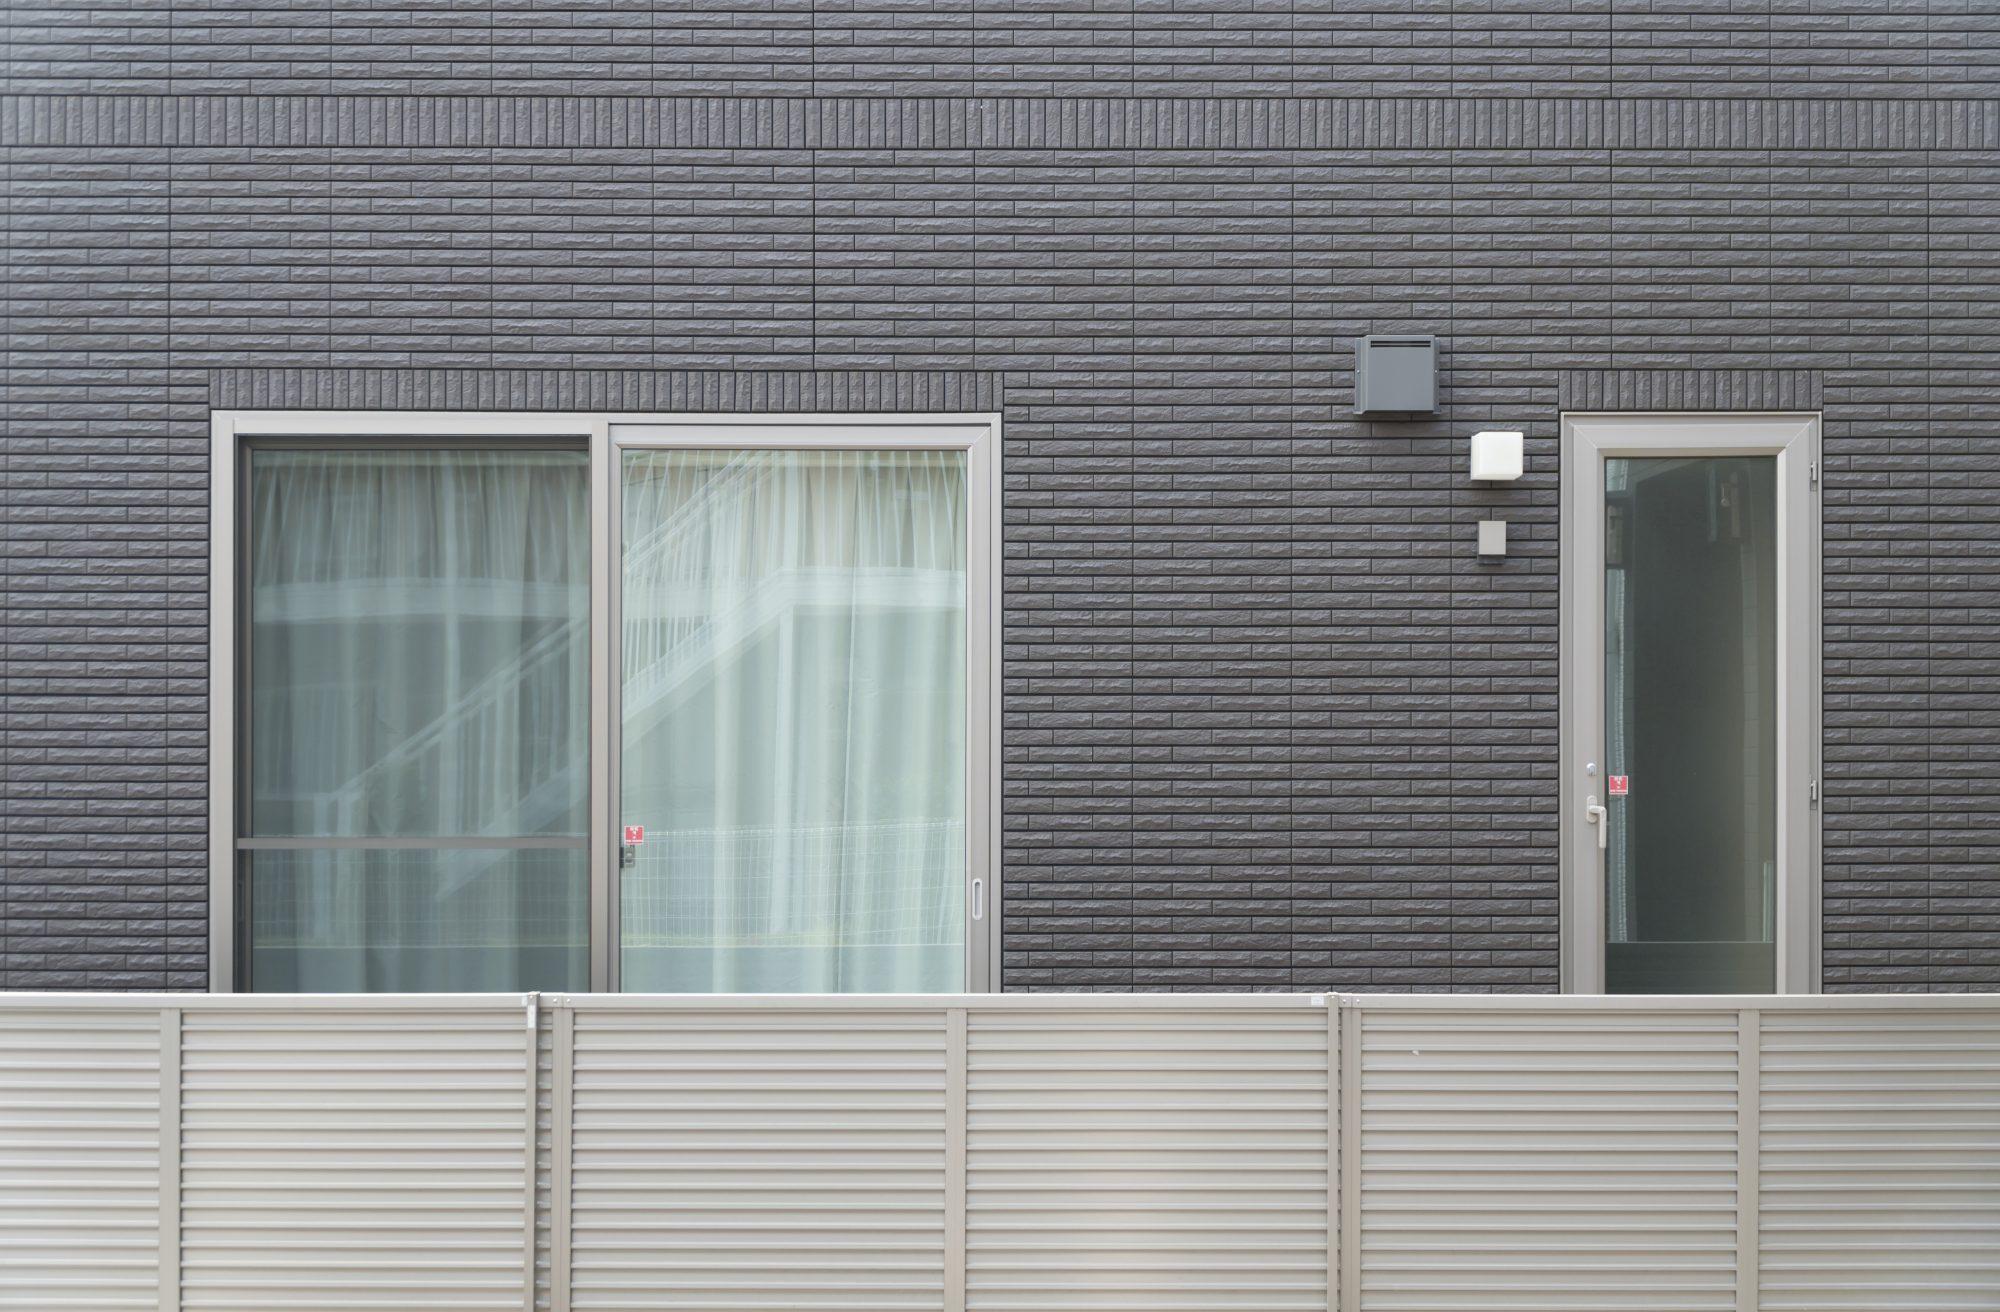 外壁リフォームで、素敵なおうちにイメージチェンジしてみませんか?